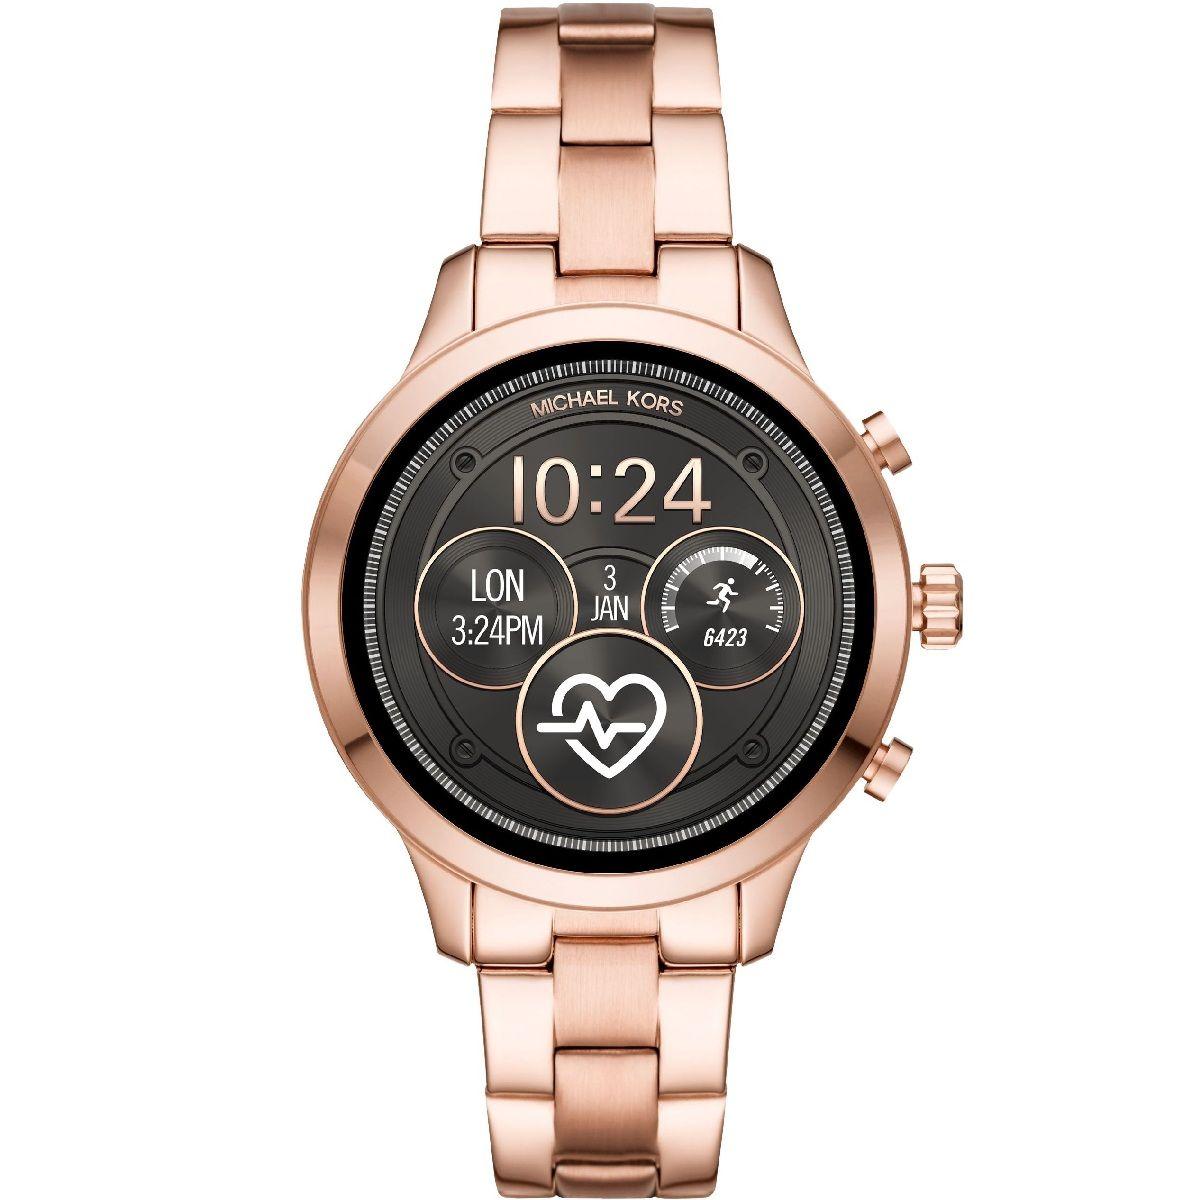 Nowość Smartwatch Michael Kors MKT5046 Runway - Zegarek MK Access - 1 699 XK77